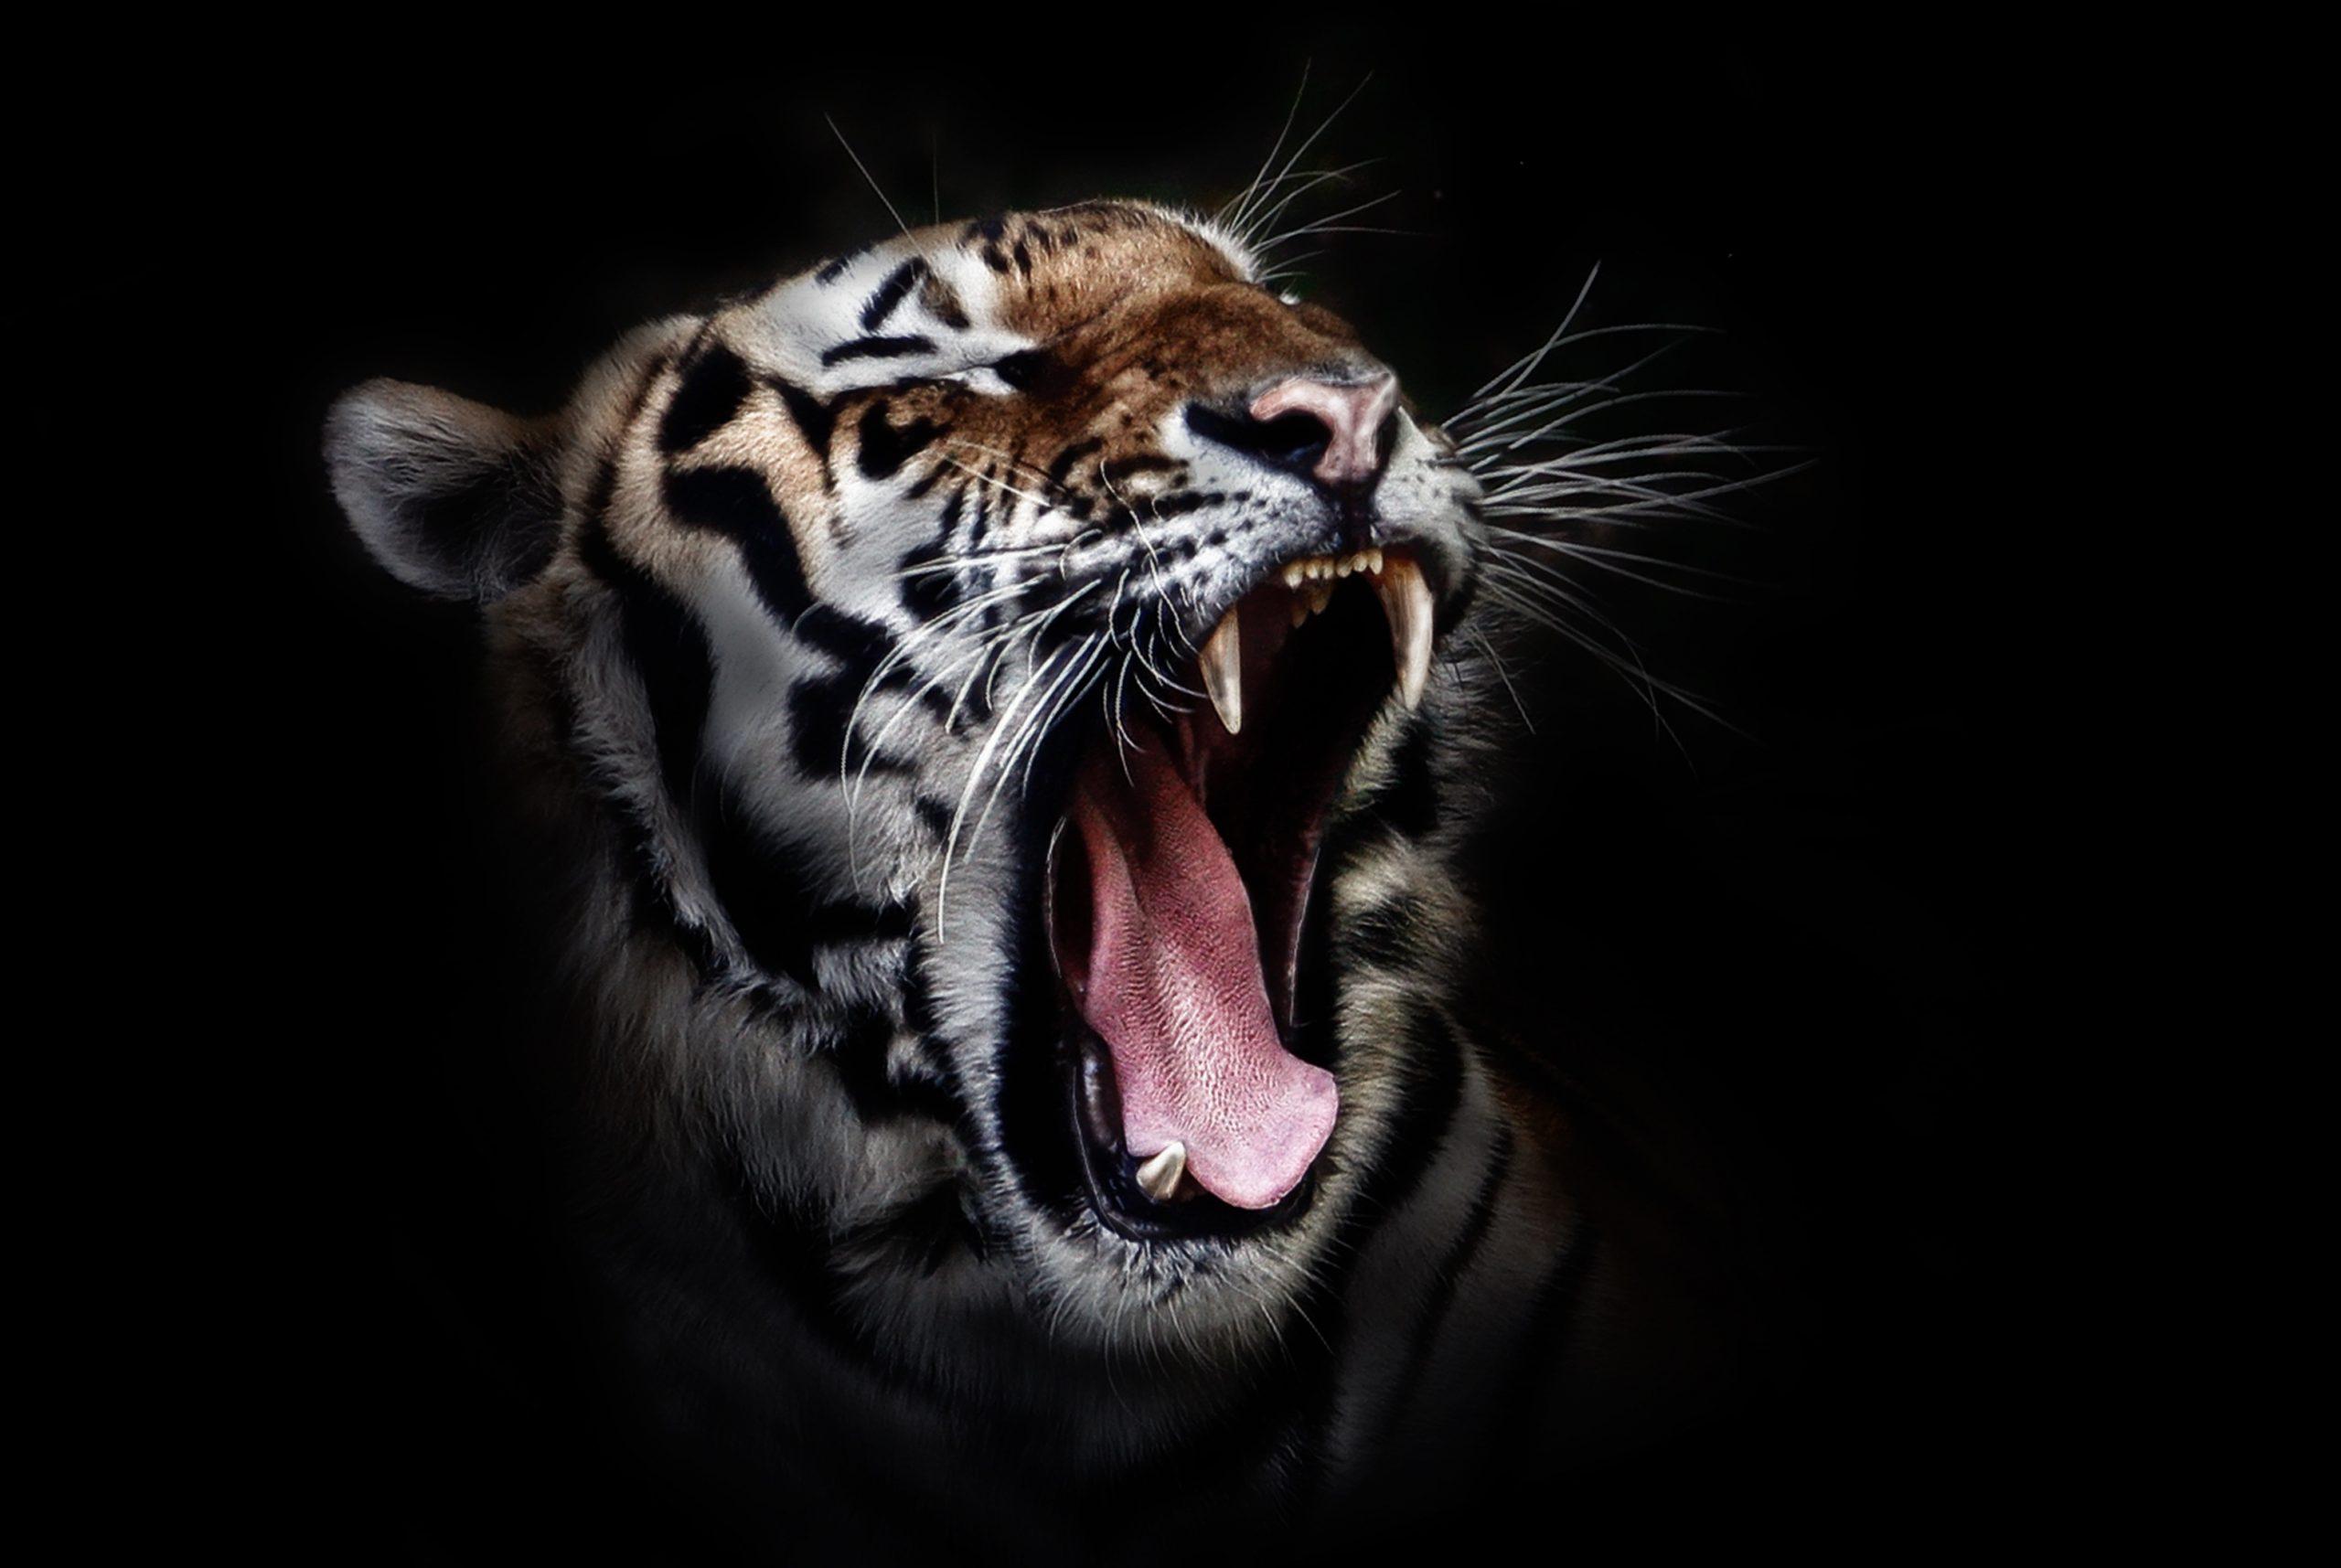 tiger teeths